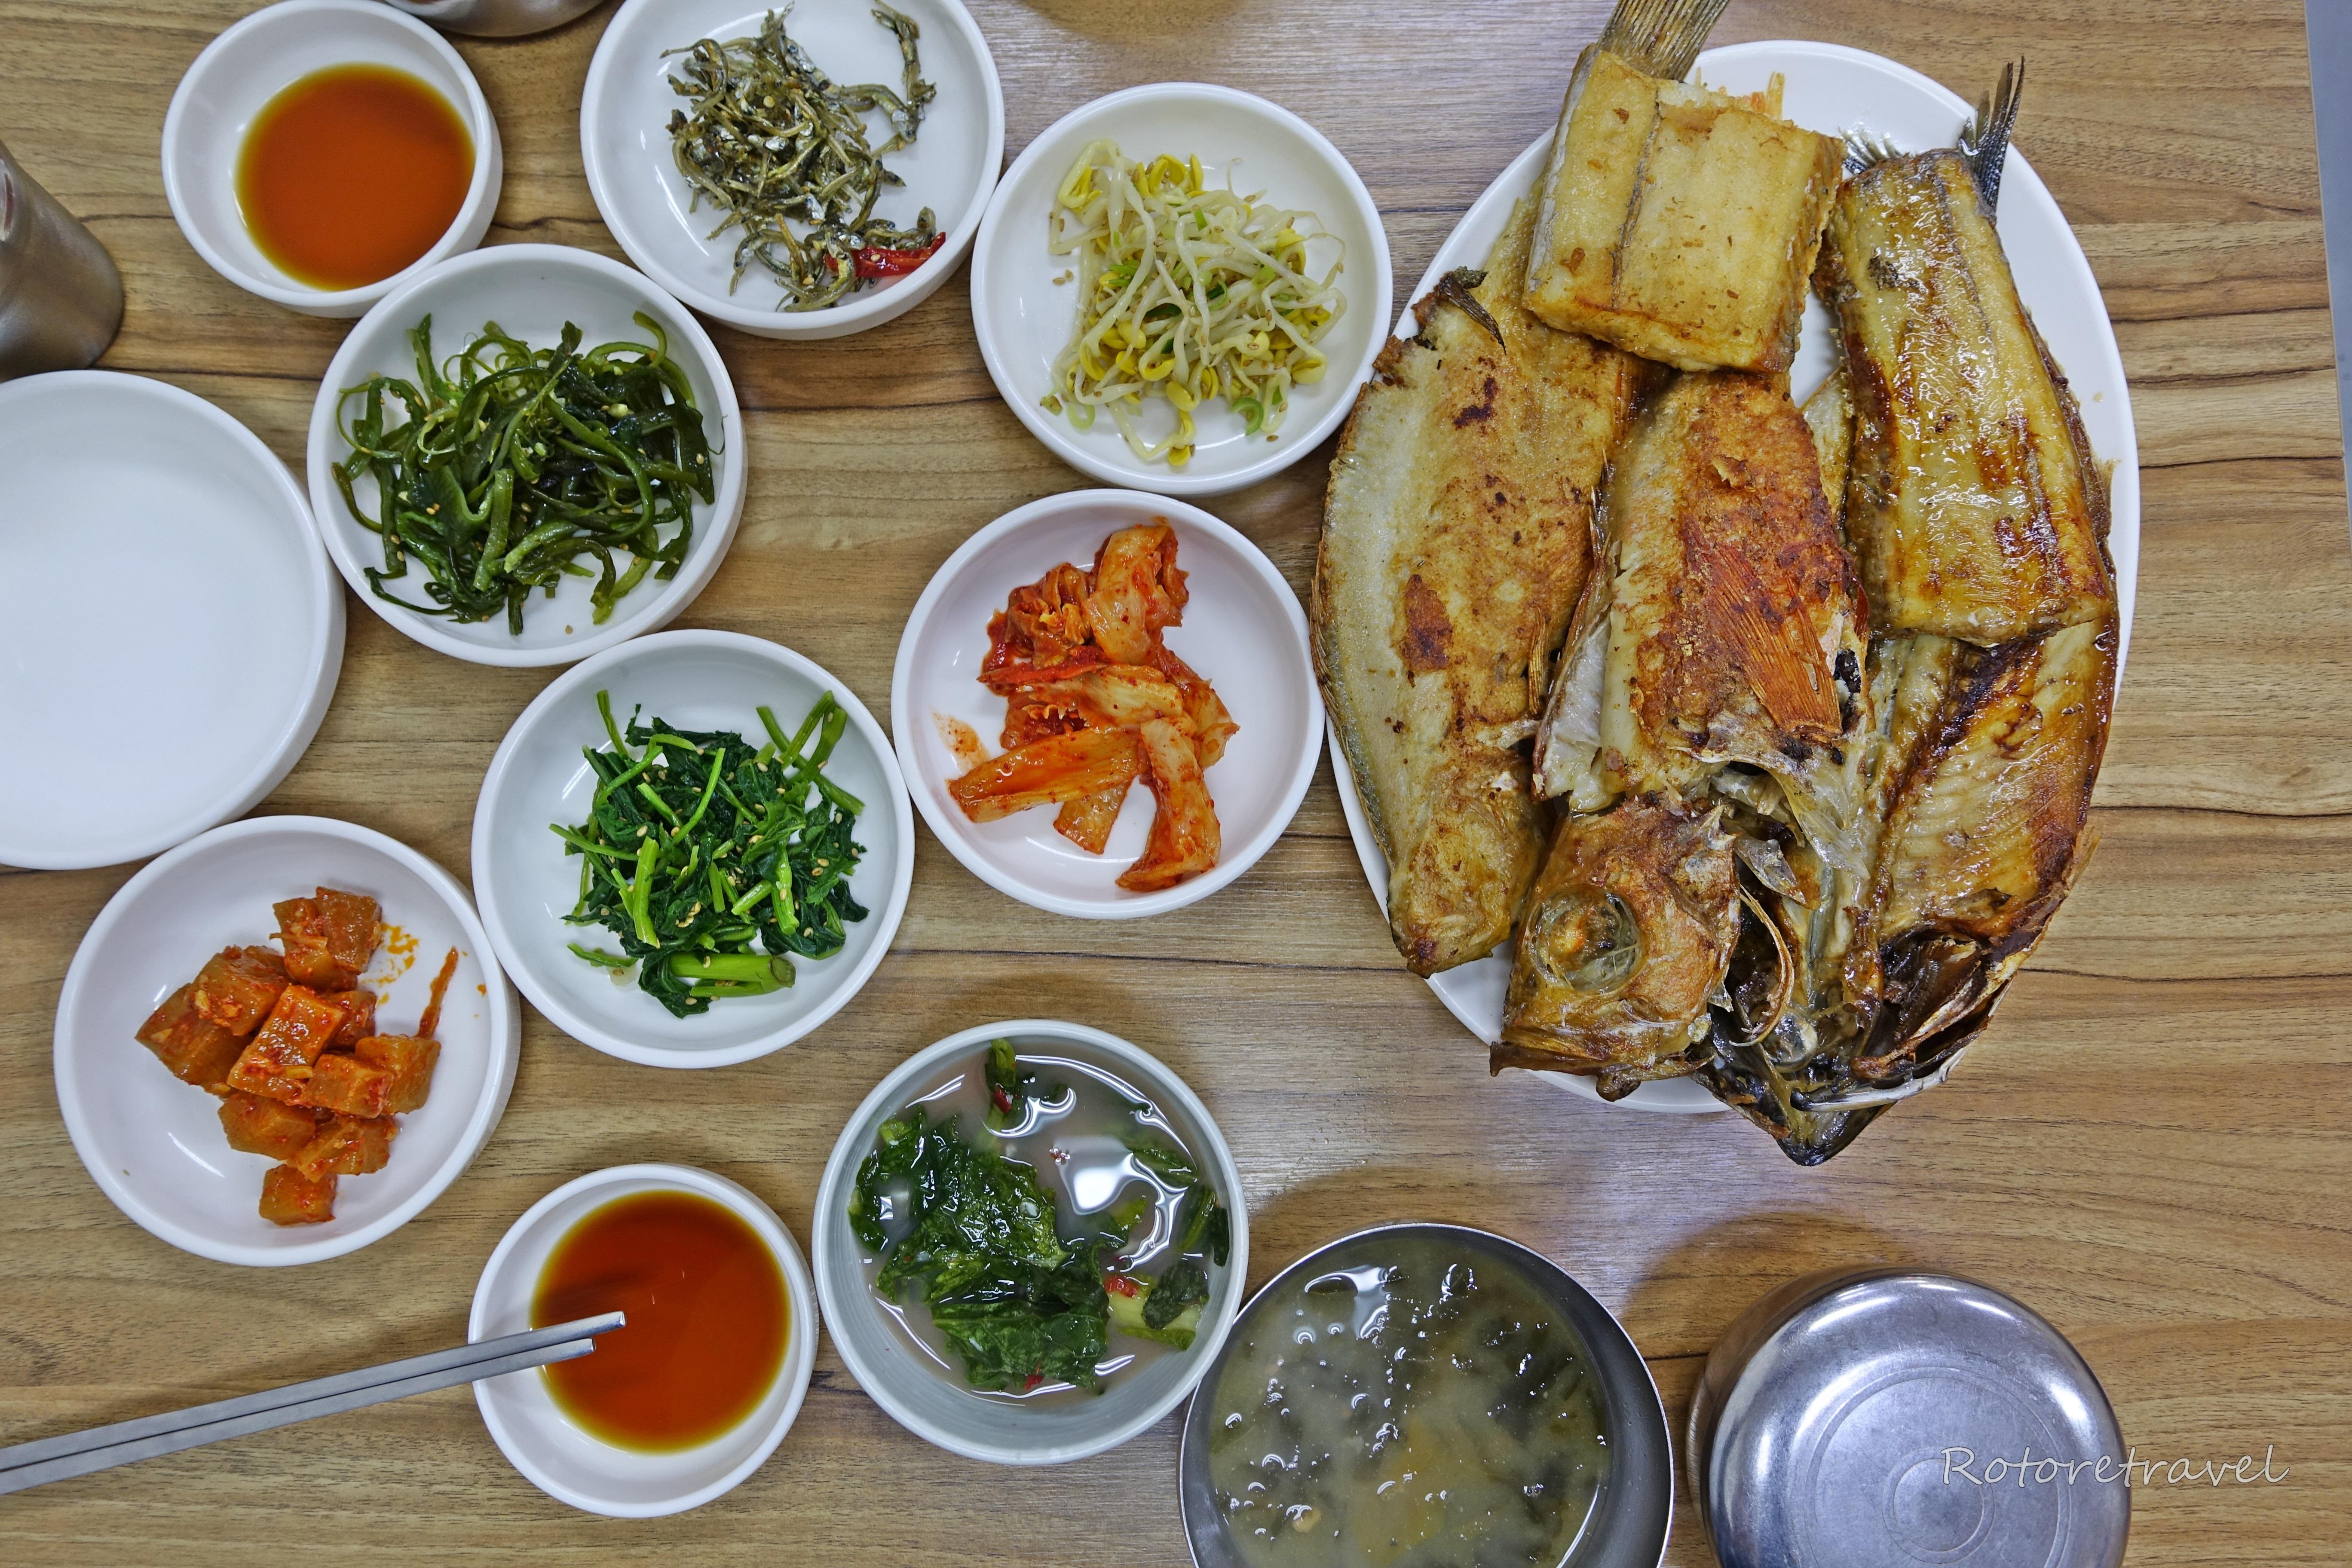 【韓国・釜山】追伸。そろそろ君もチャガルチ市場で焼き魚を食べるように。(2018年4月